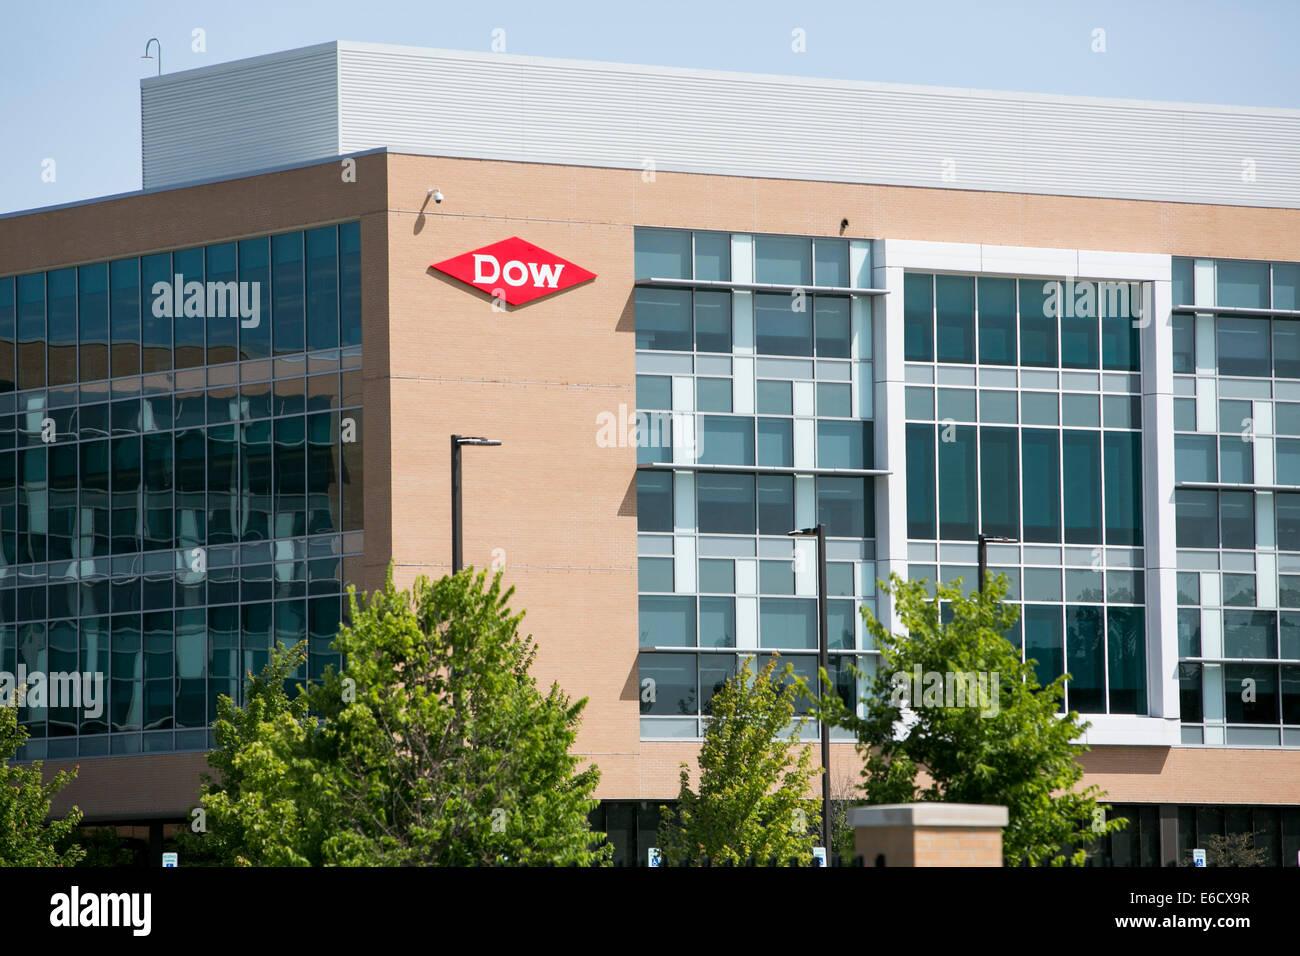 La sede de la compañía Dow Chemical en Midland, Michigan. Imagen De Stock